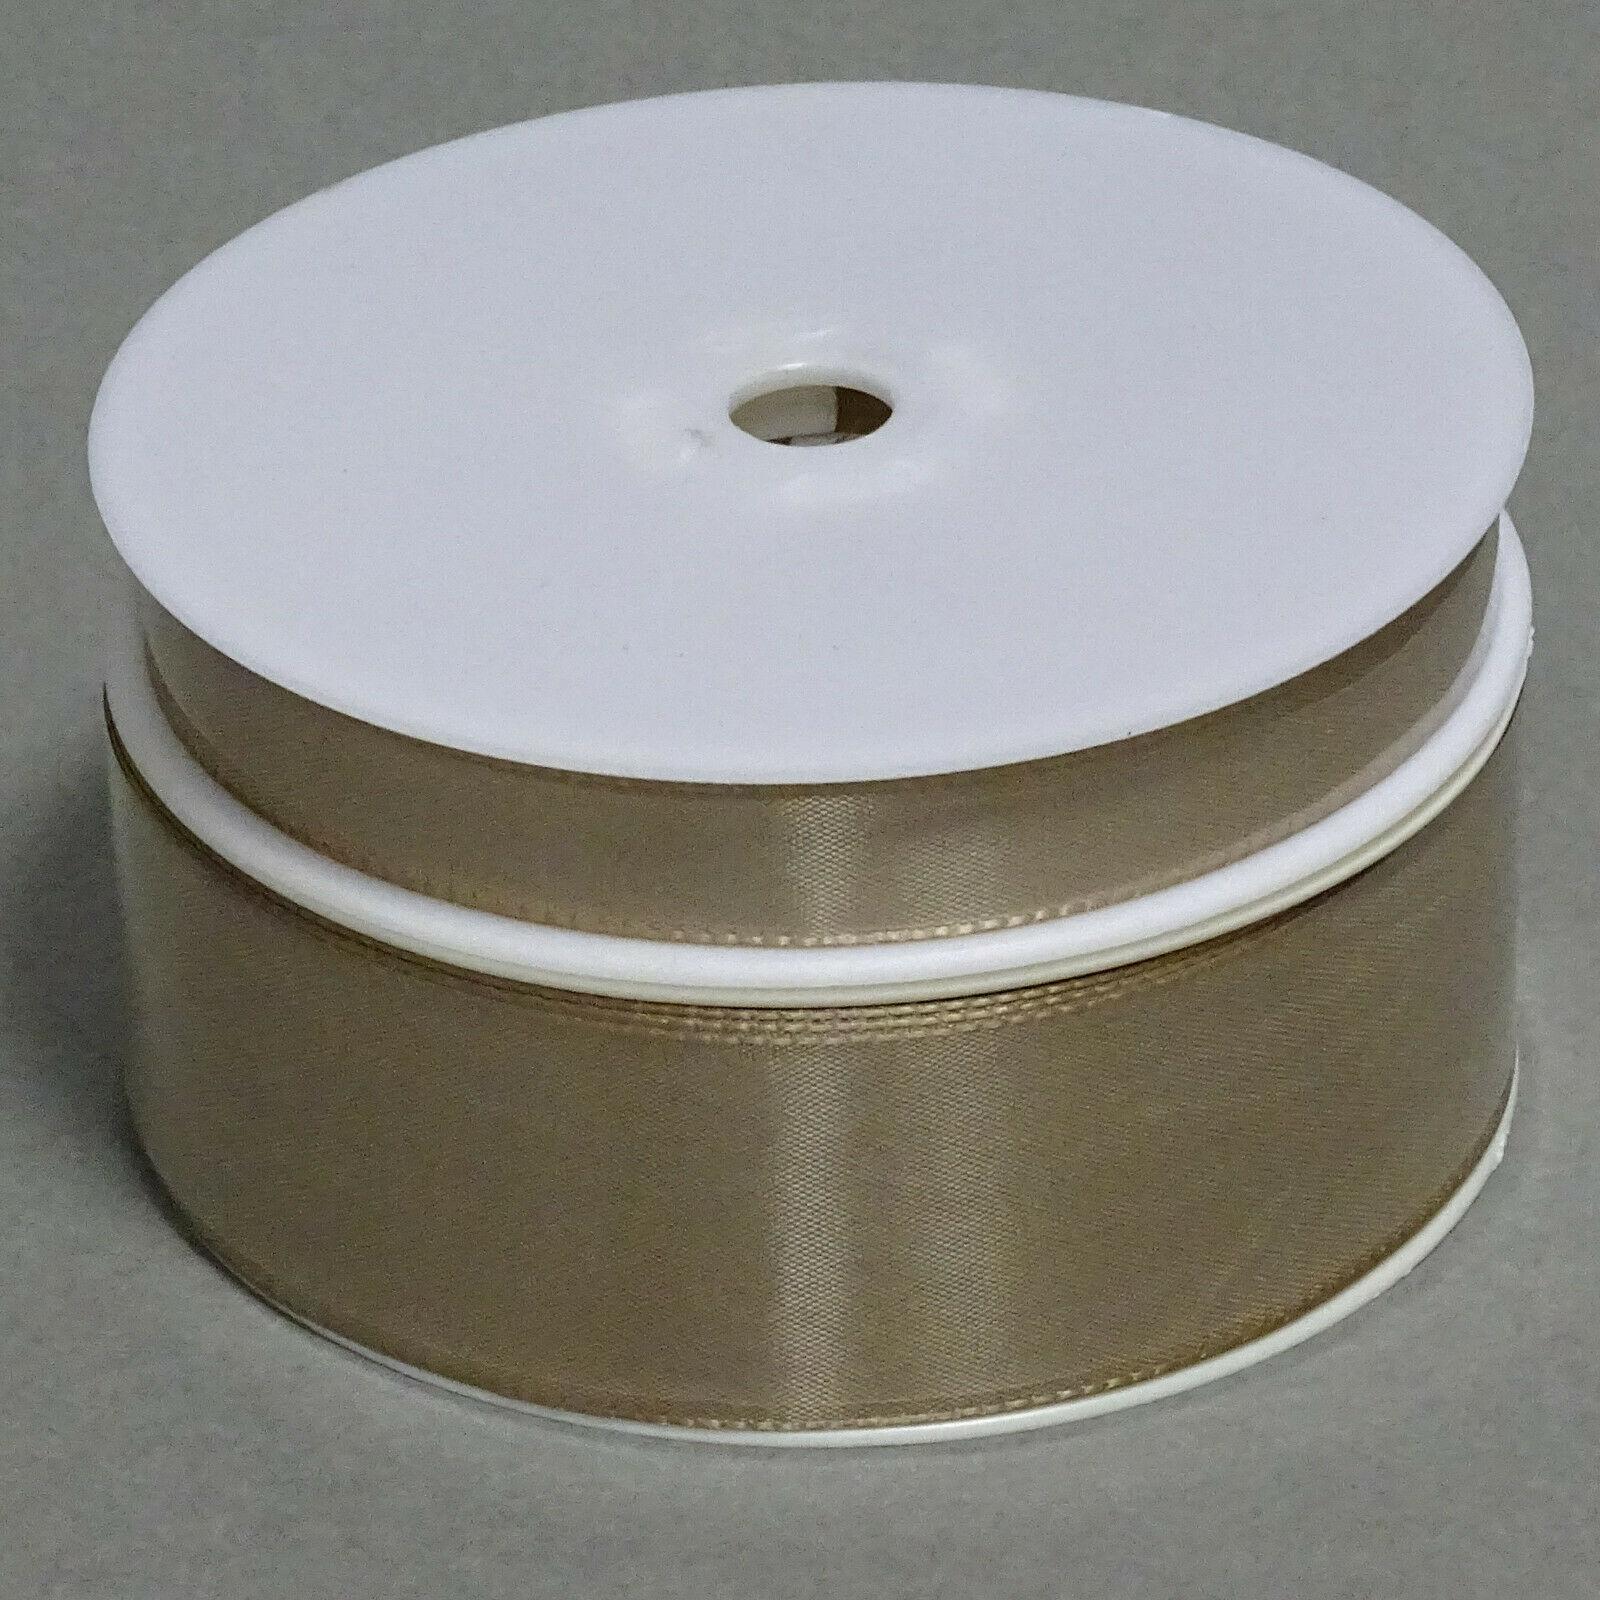 Seidenband Schleifenband 50 m x 15 / 25 / 40mm Dekoband ab 0,08€/m Geschenkband  - Cappuccino103, 25 mm x 50 m